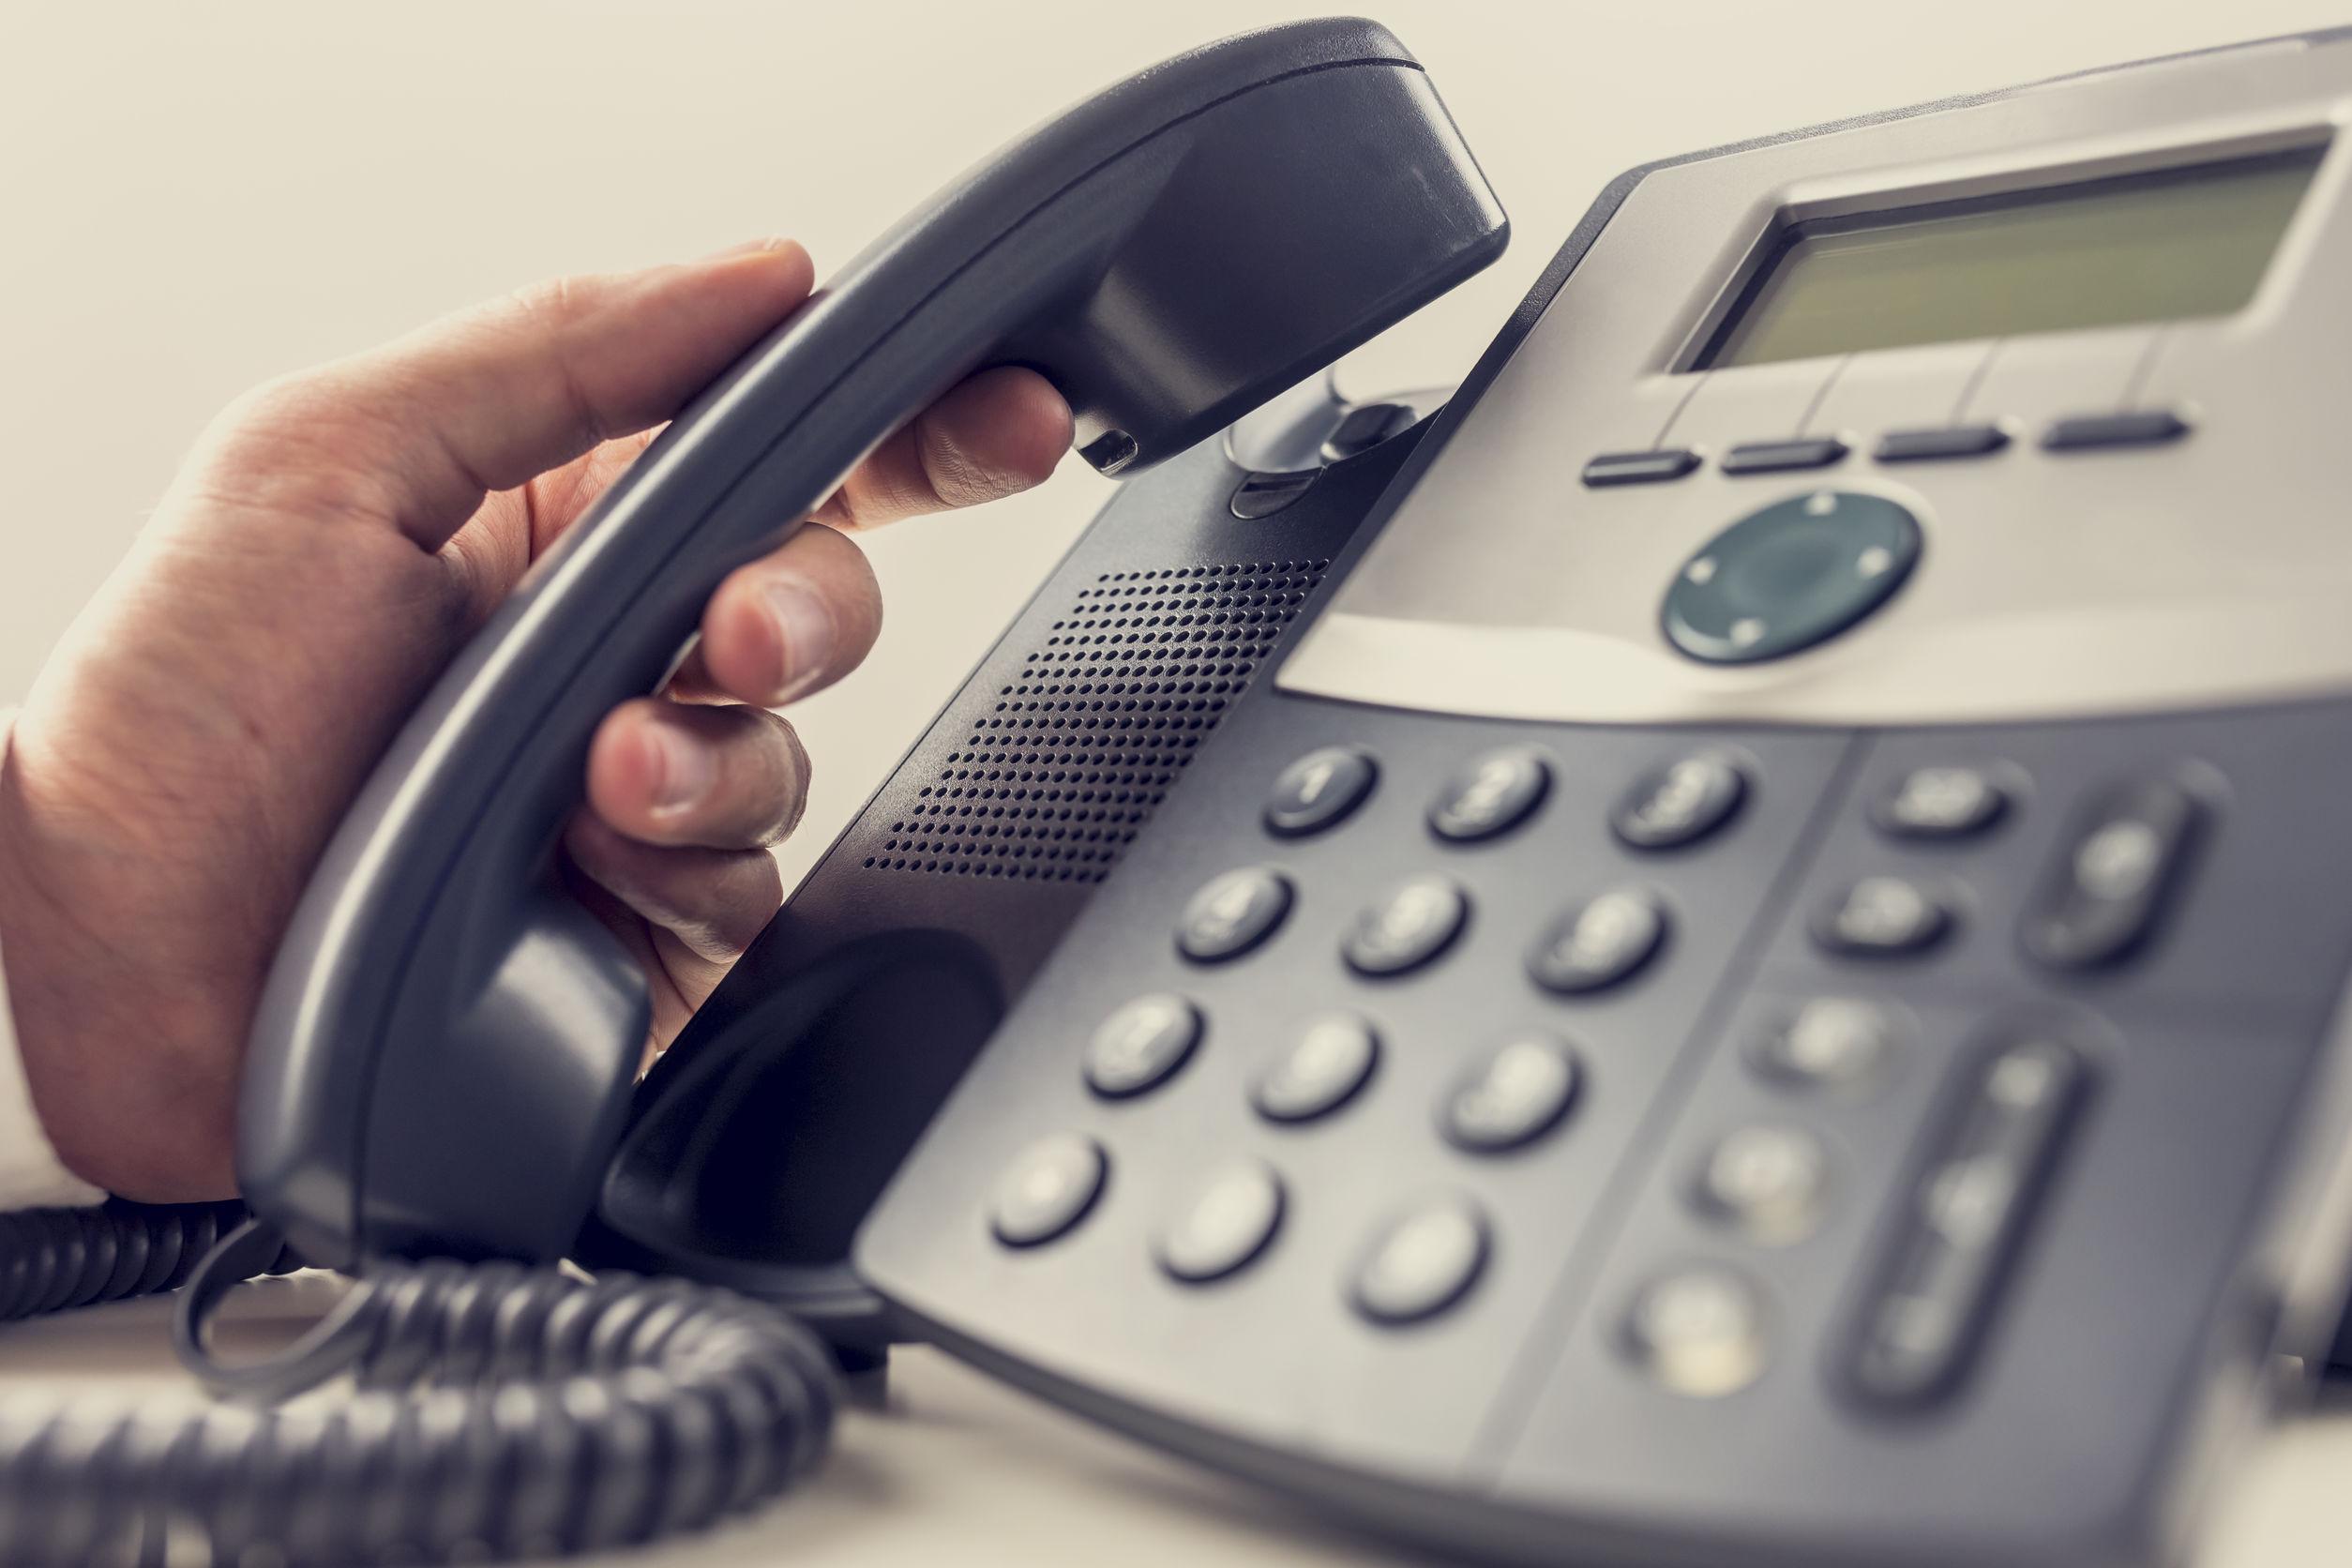 Haustelefon: Test & Empfehlungen (04/21)